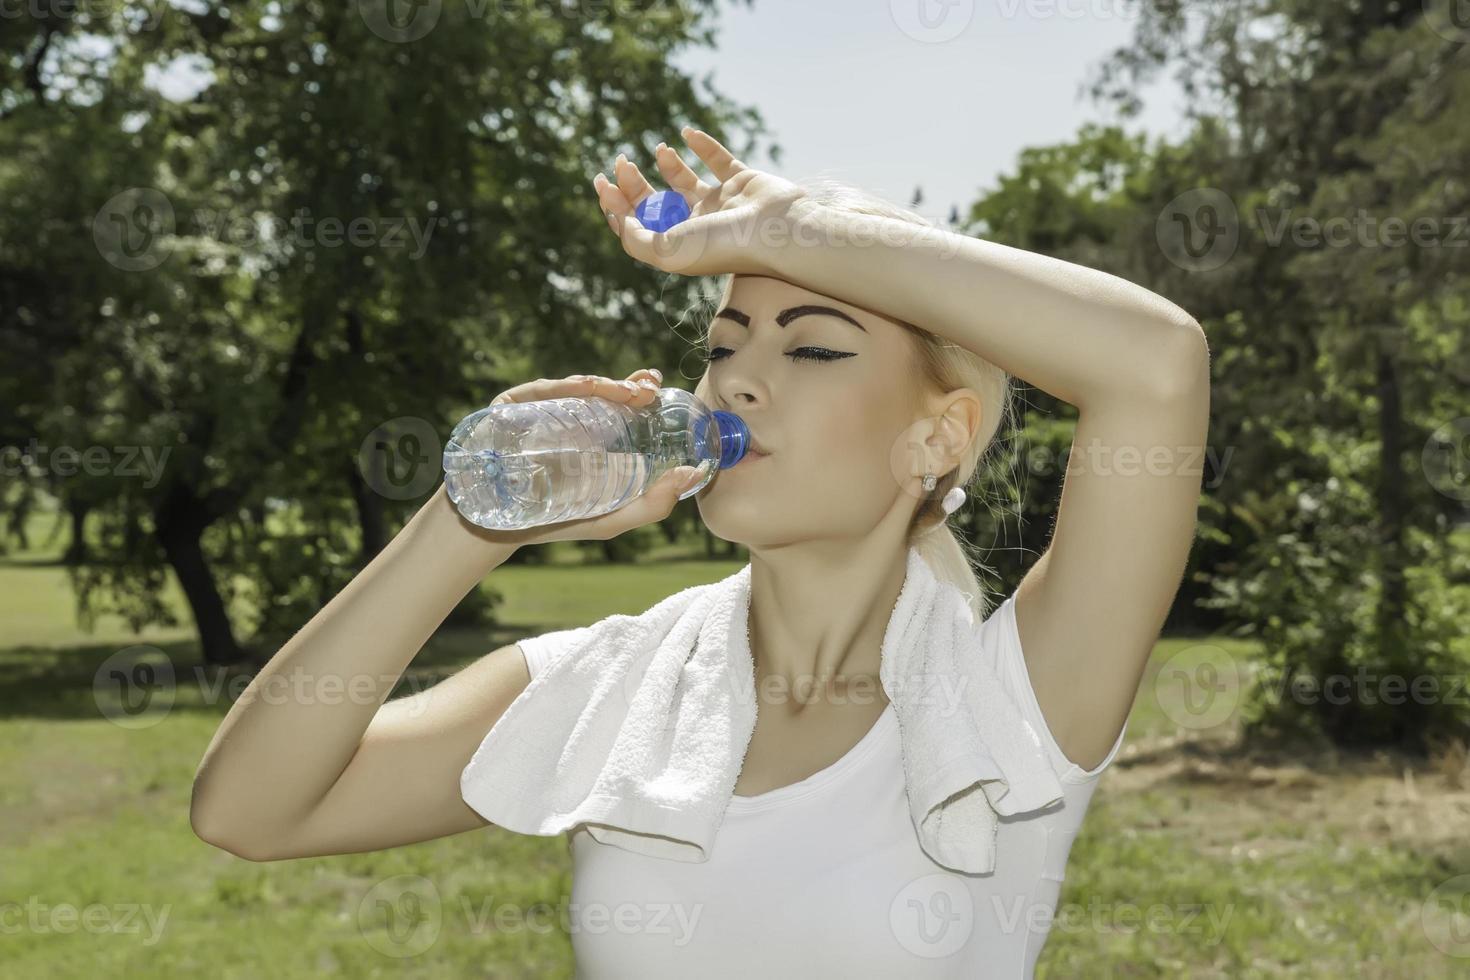 jolie femme blonde eau potable photo